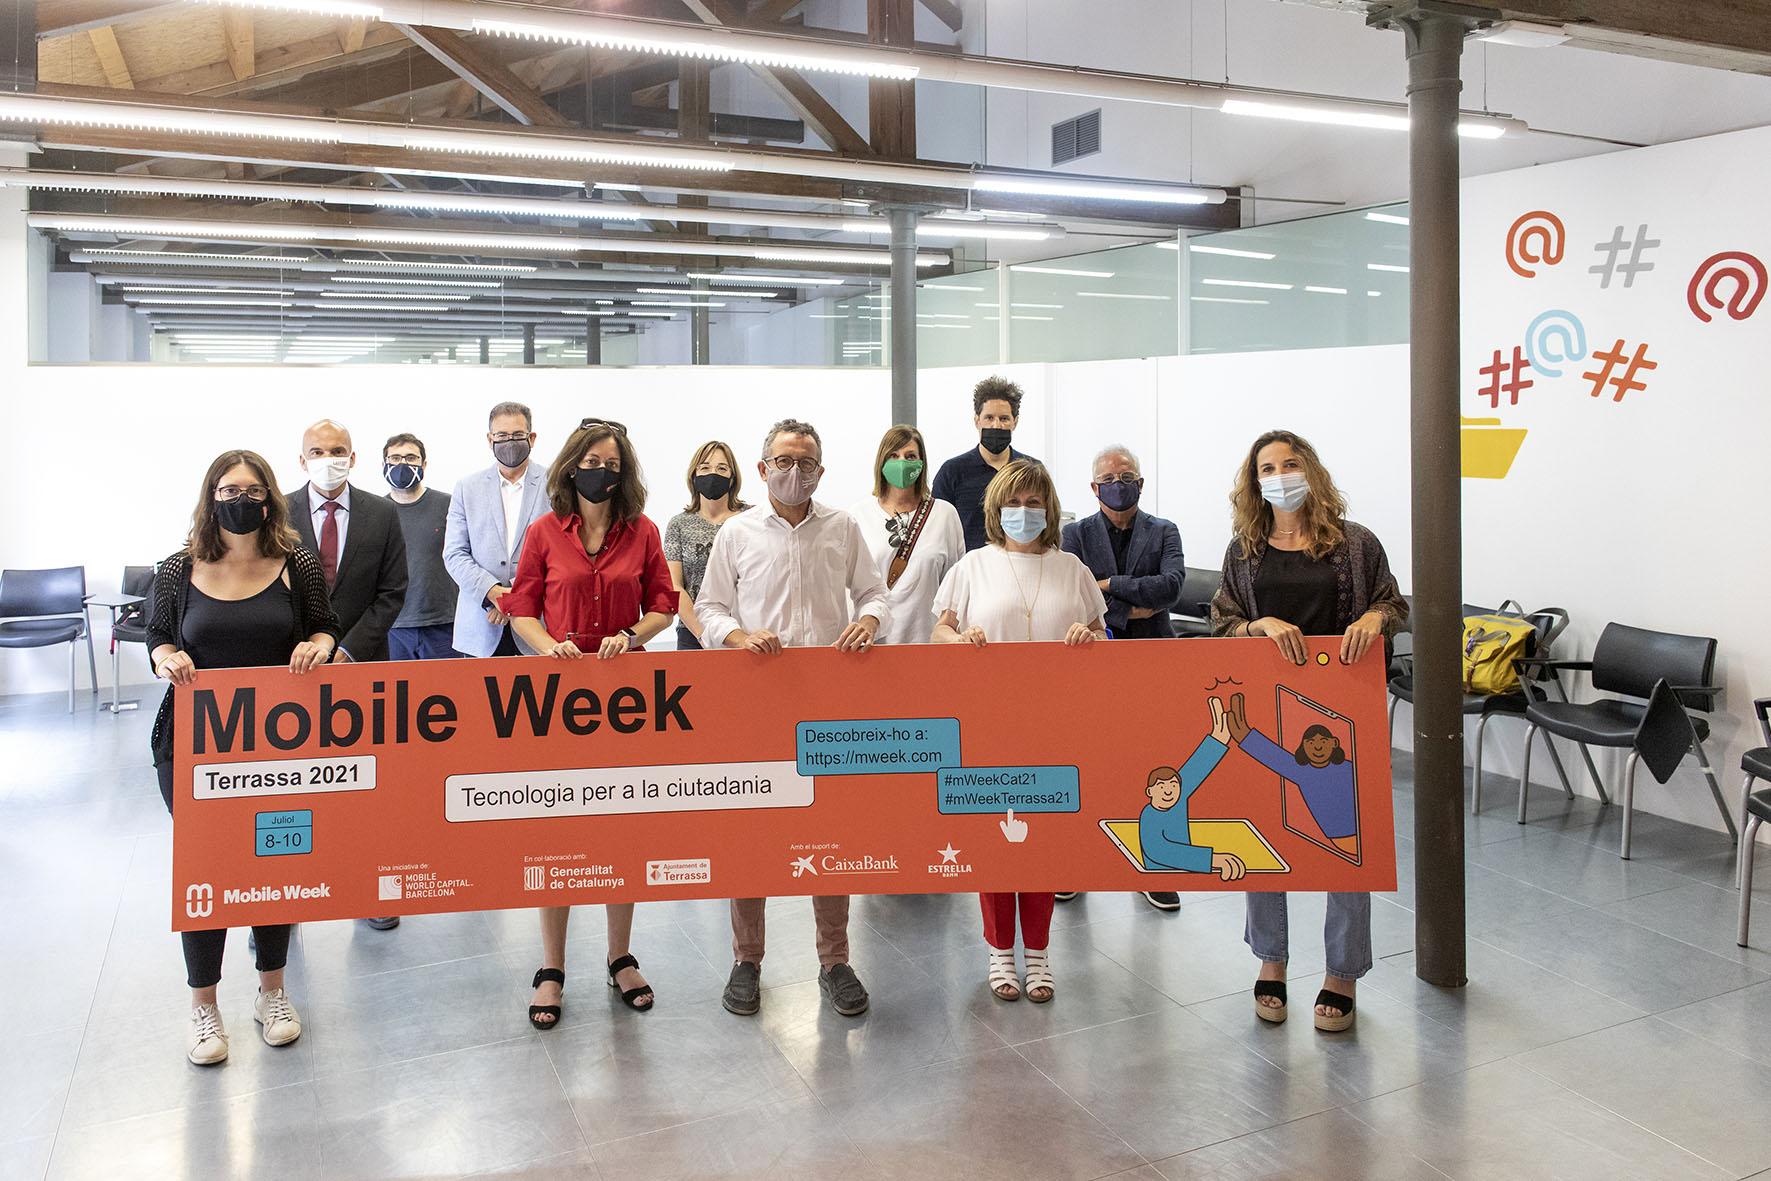 Acte de presentació de la Mobile Week a Terrassa | Rafel Casanova BCF